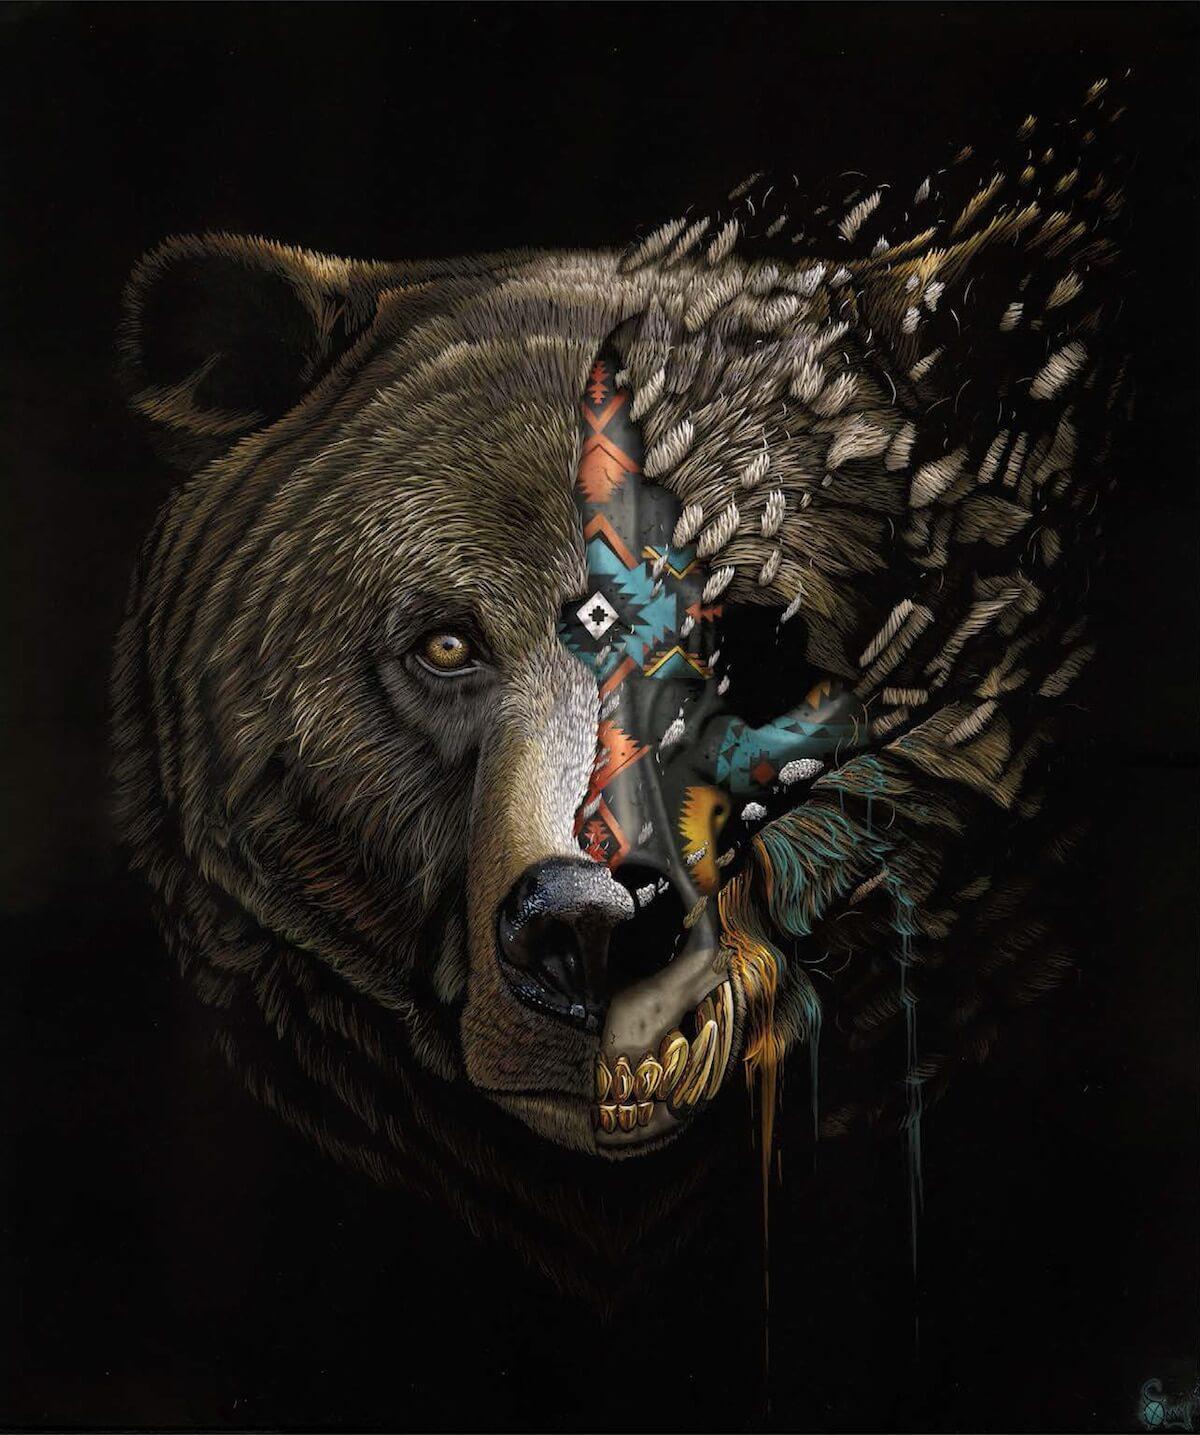 Sonny The Street Artist That Speaks Of Animals Endangered